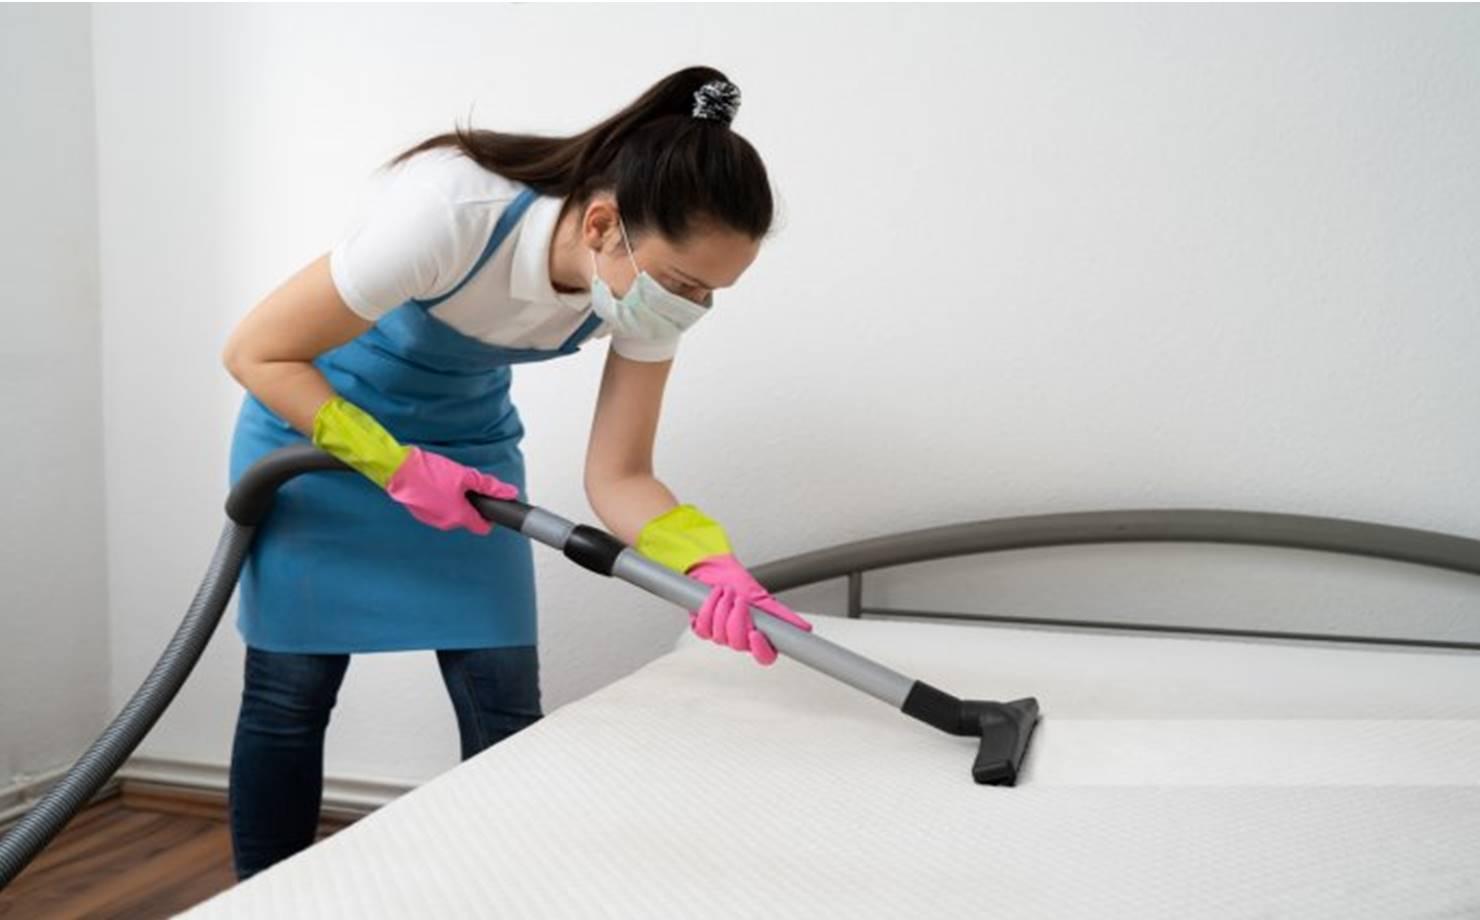 Como limpar o colchão: dicas para remover manchas e odores